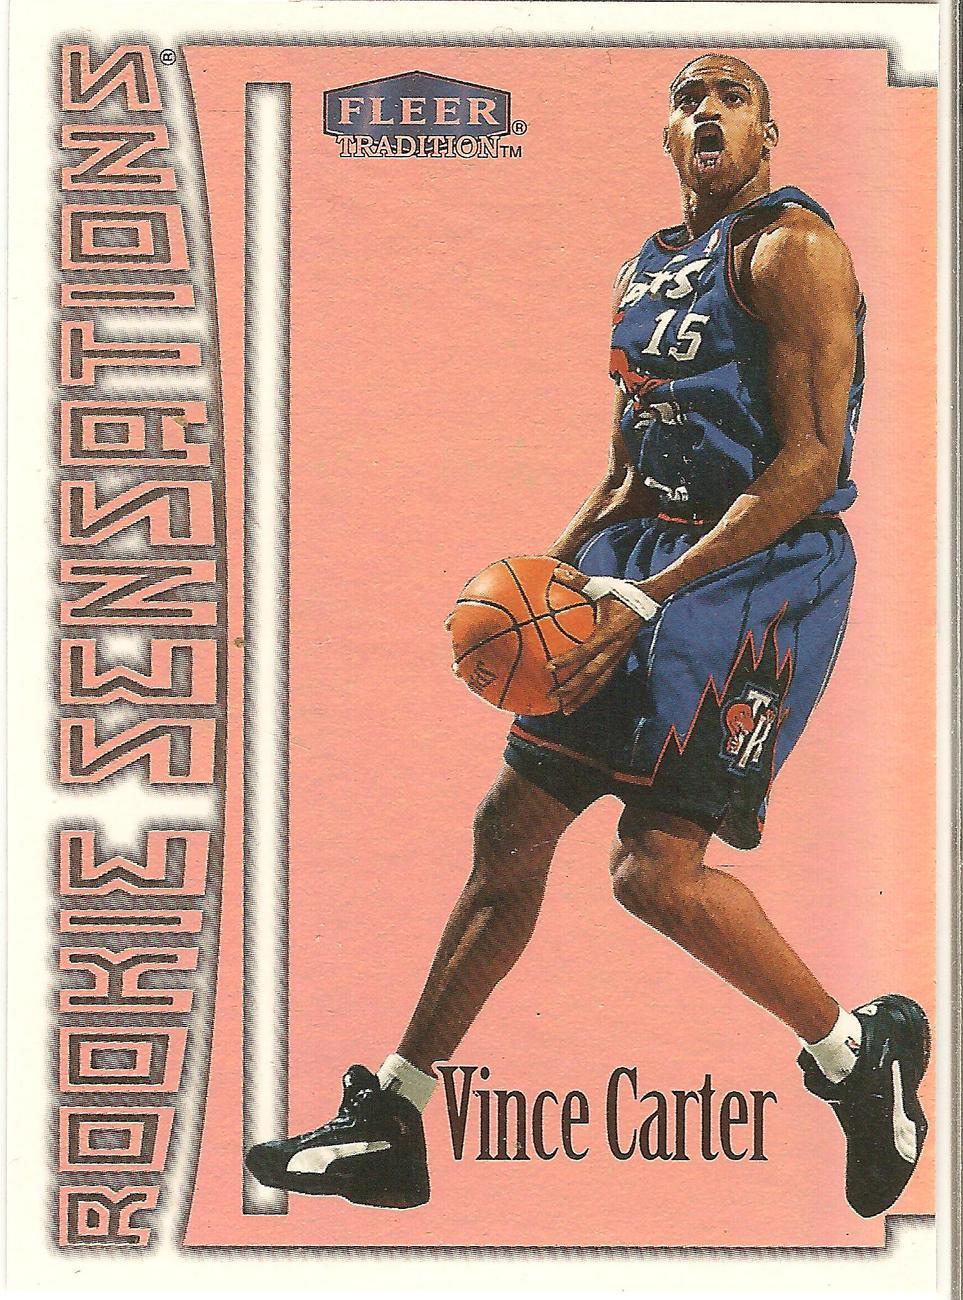 Vince carter 001